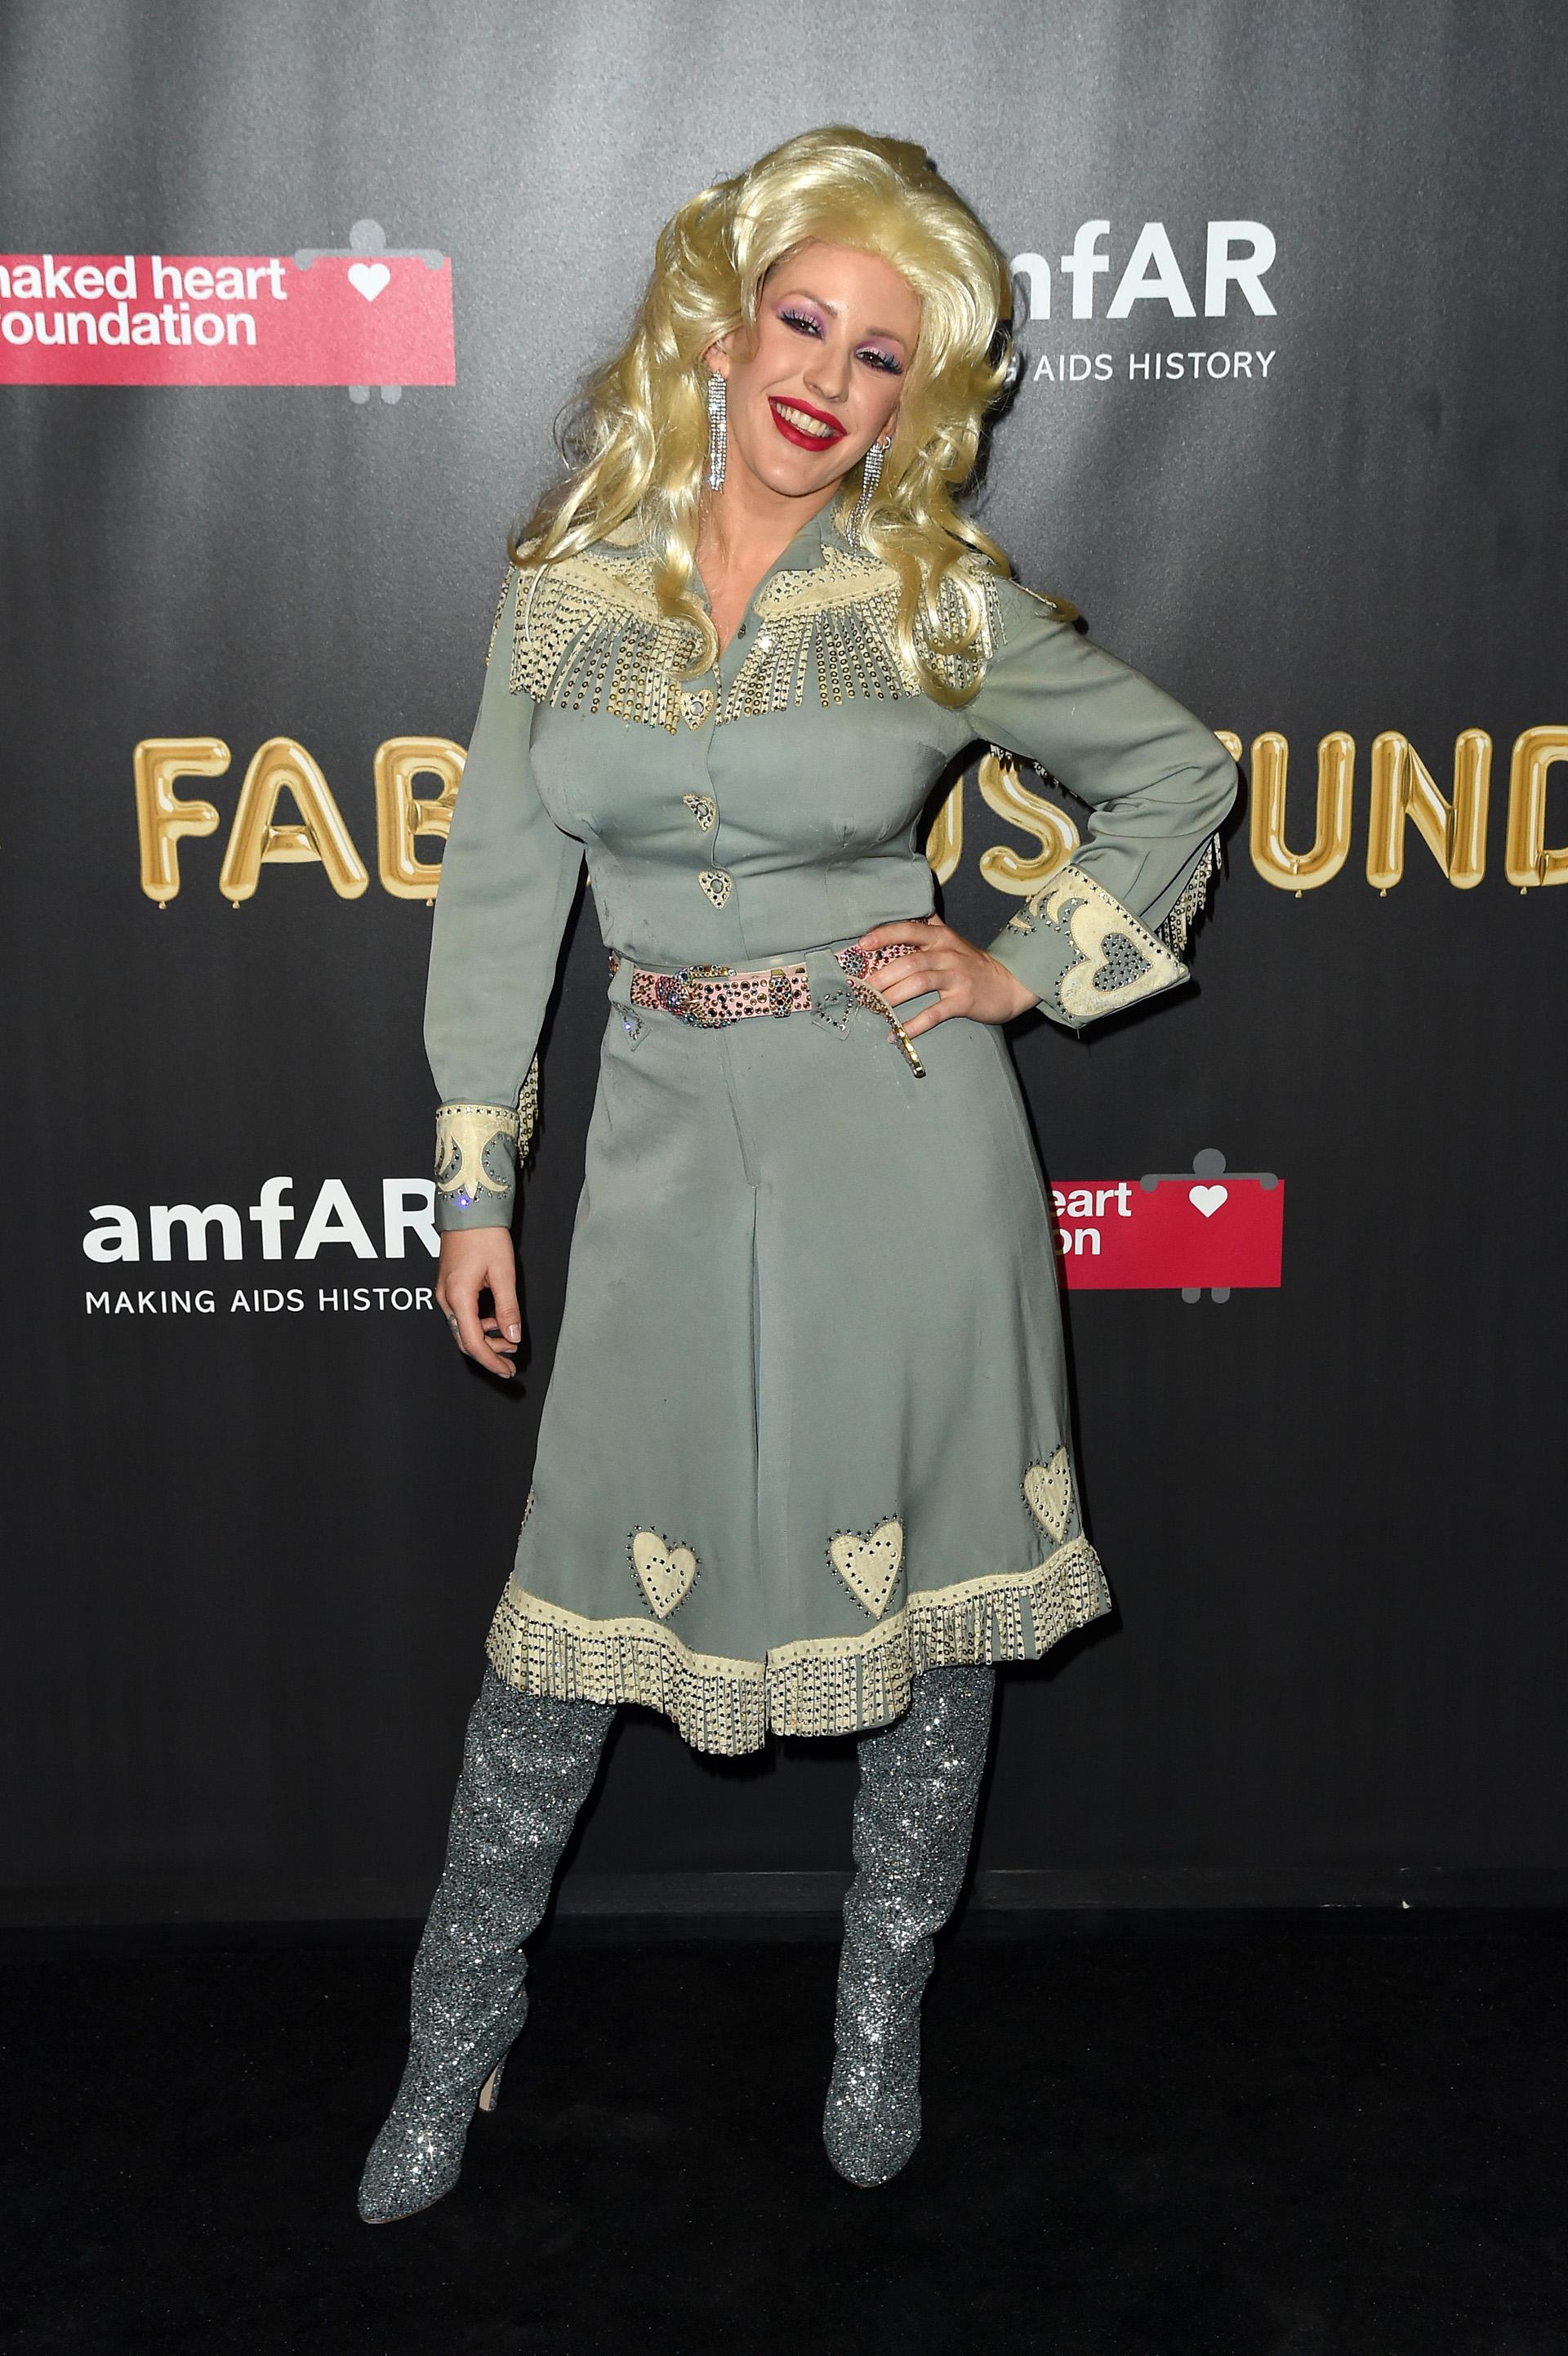 La cantante Ellie Goulding quiso imitar a una de sus ídolas, Dolly Parton(Photo by Nicholas Hunt/Getty Images)